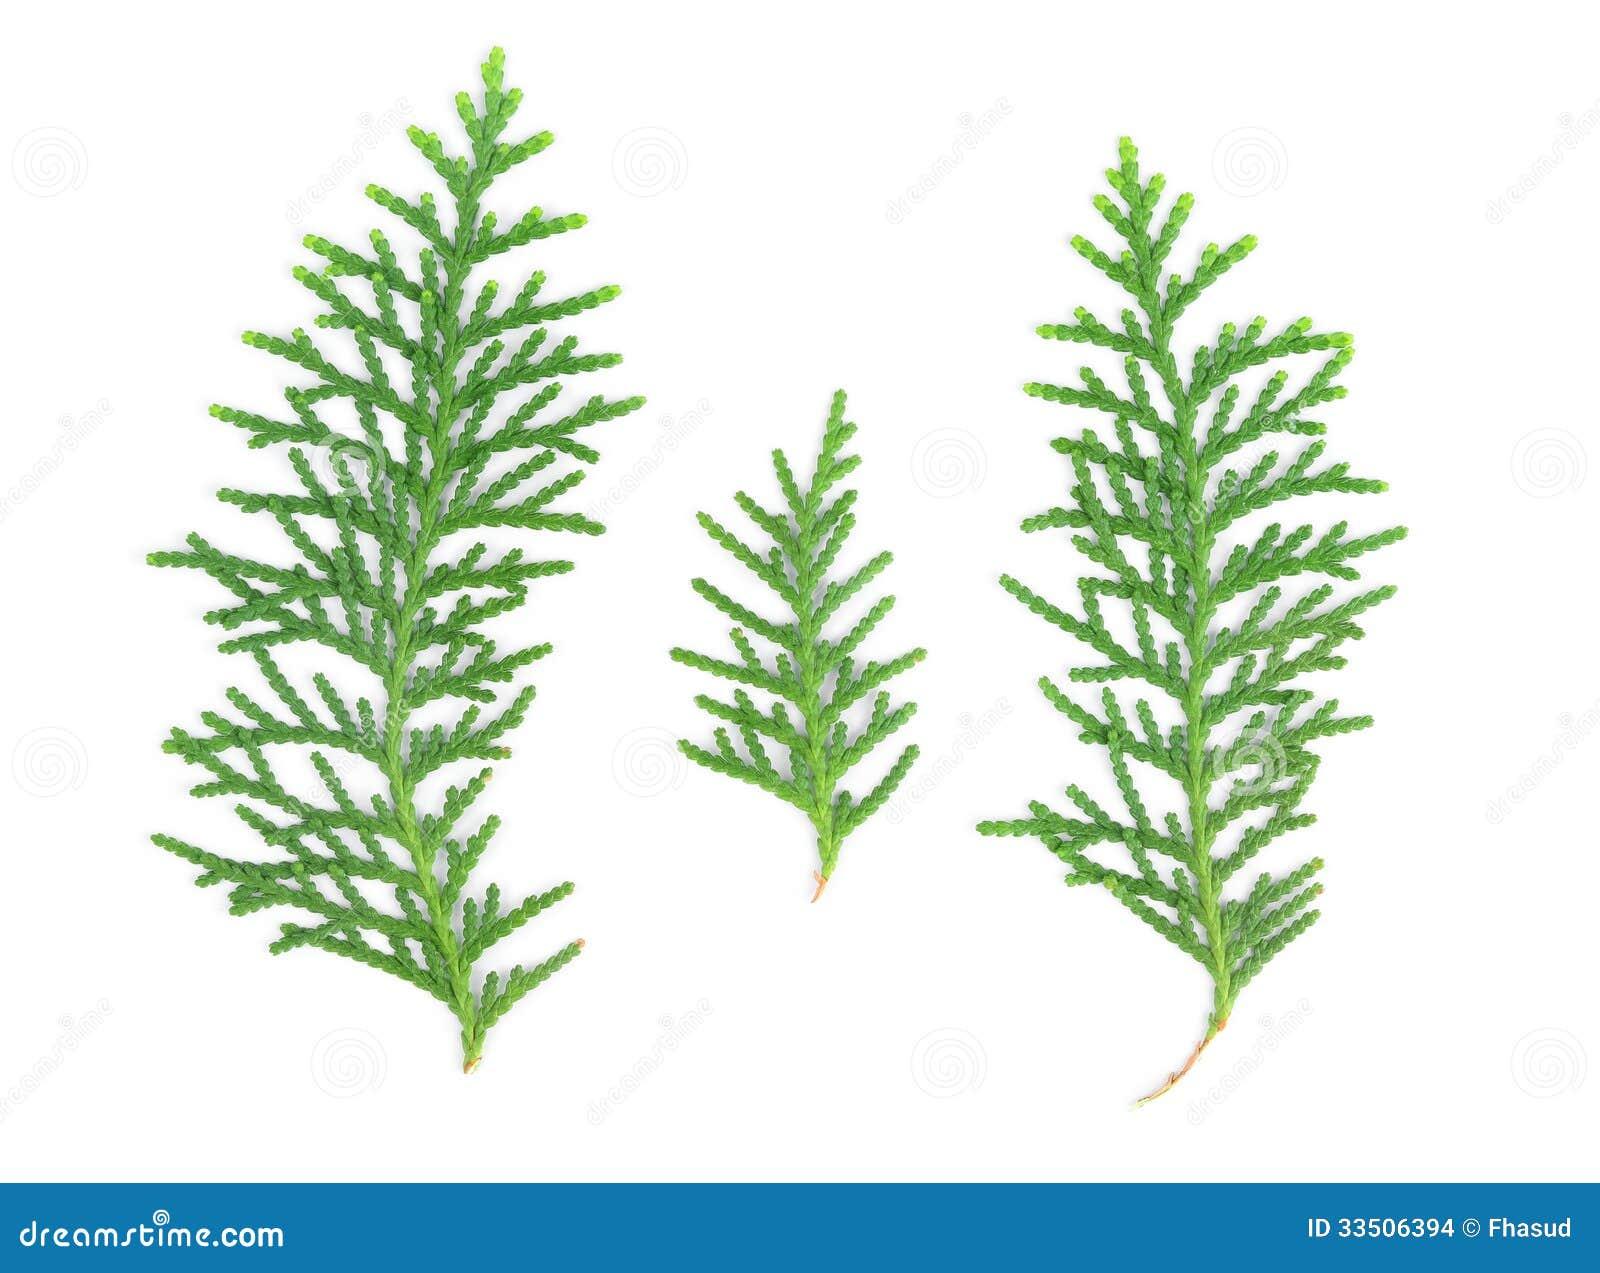 Leaves Of Pine Tree On...